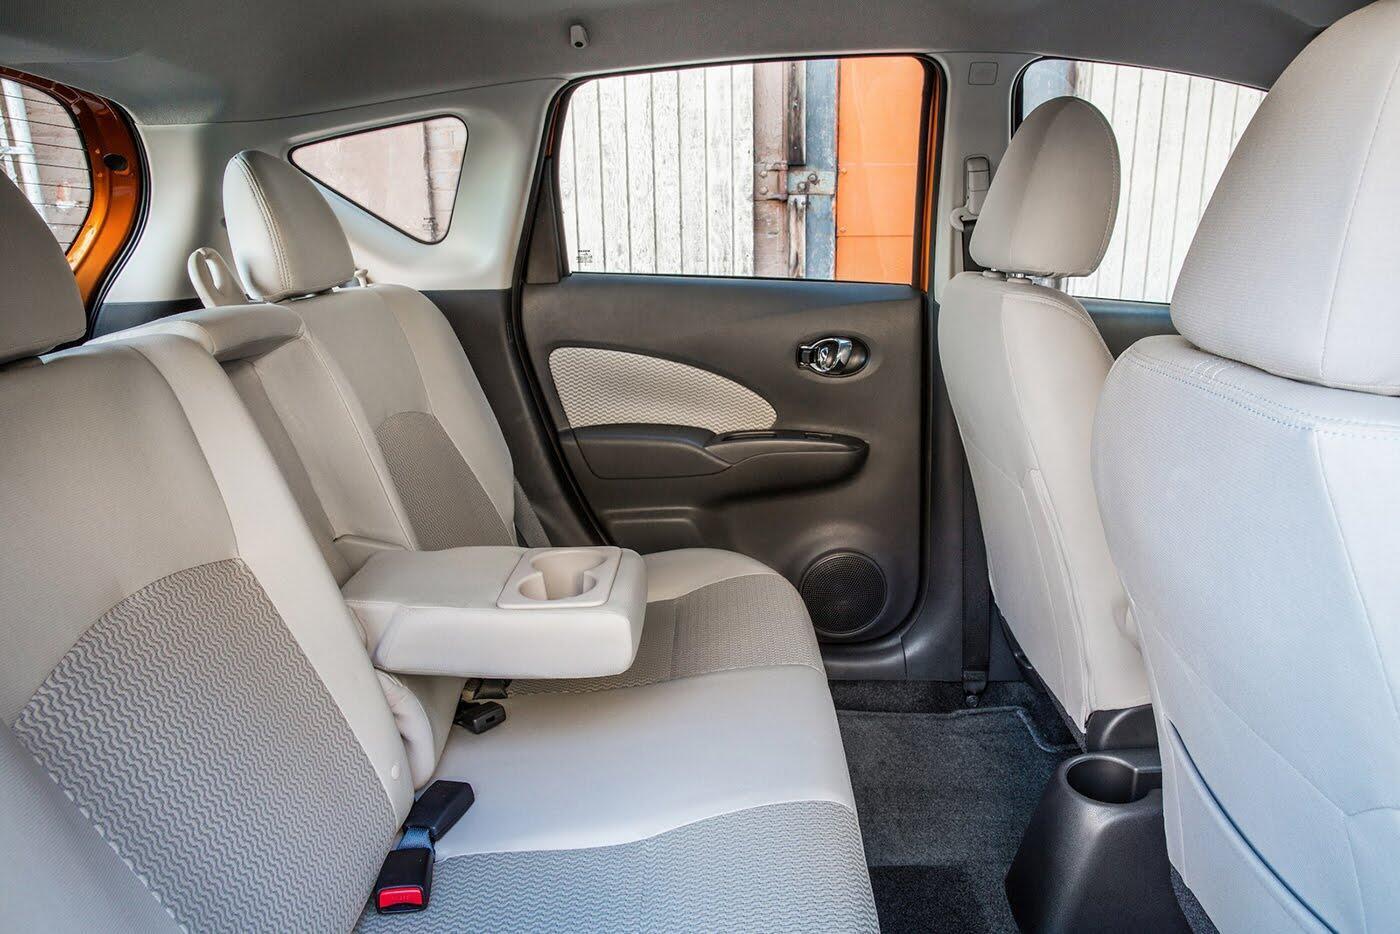 Nissan Sunny 2018 có thêm phiên bản hatchback - Hình 7